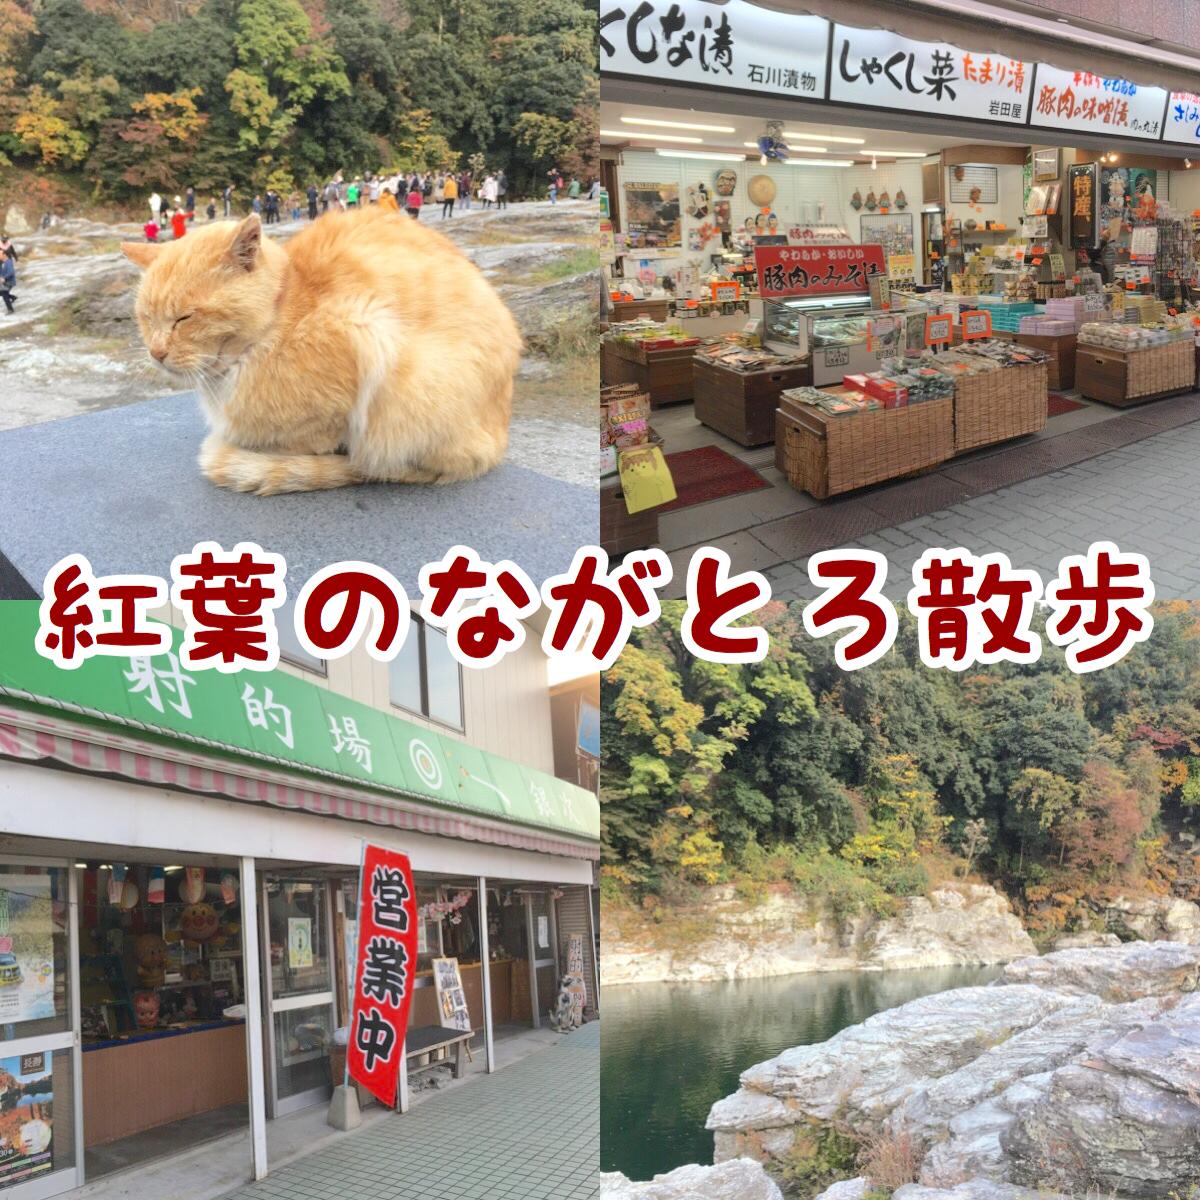 【紅葉の長瀞散歩】長瀞駅から商店街を抜けて岩畳まで散策しよう!